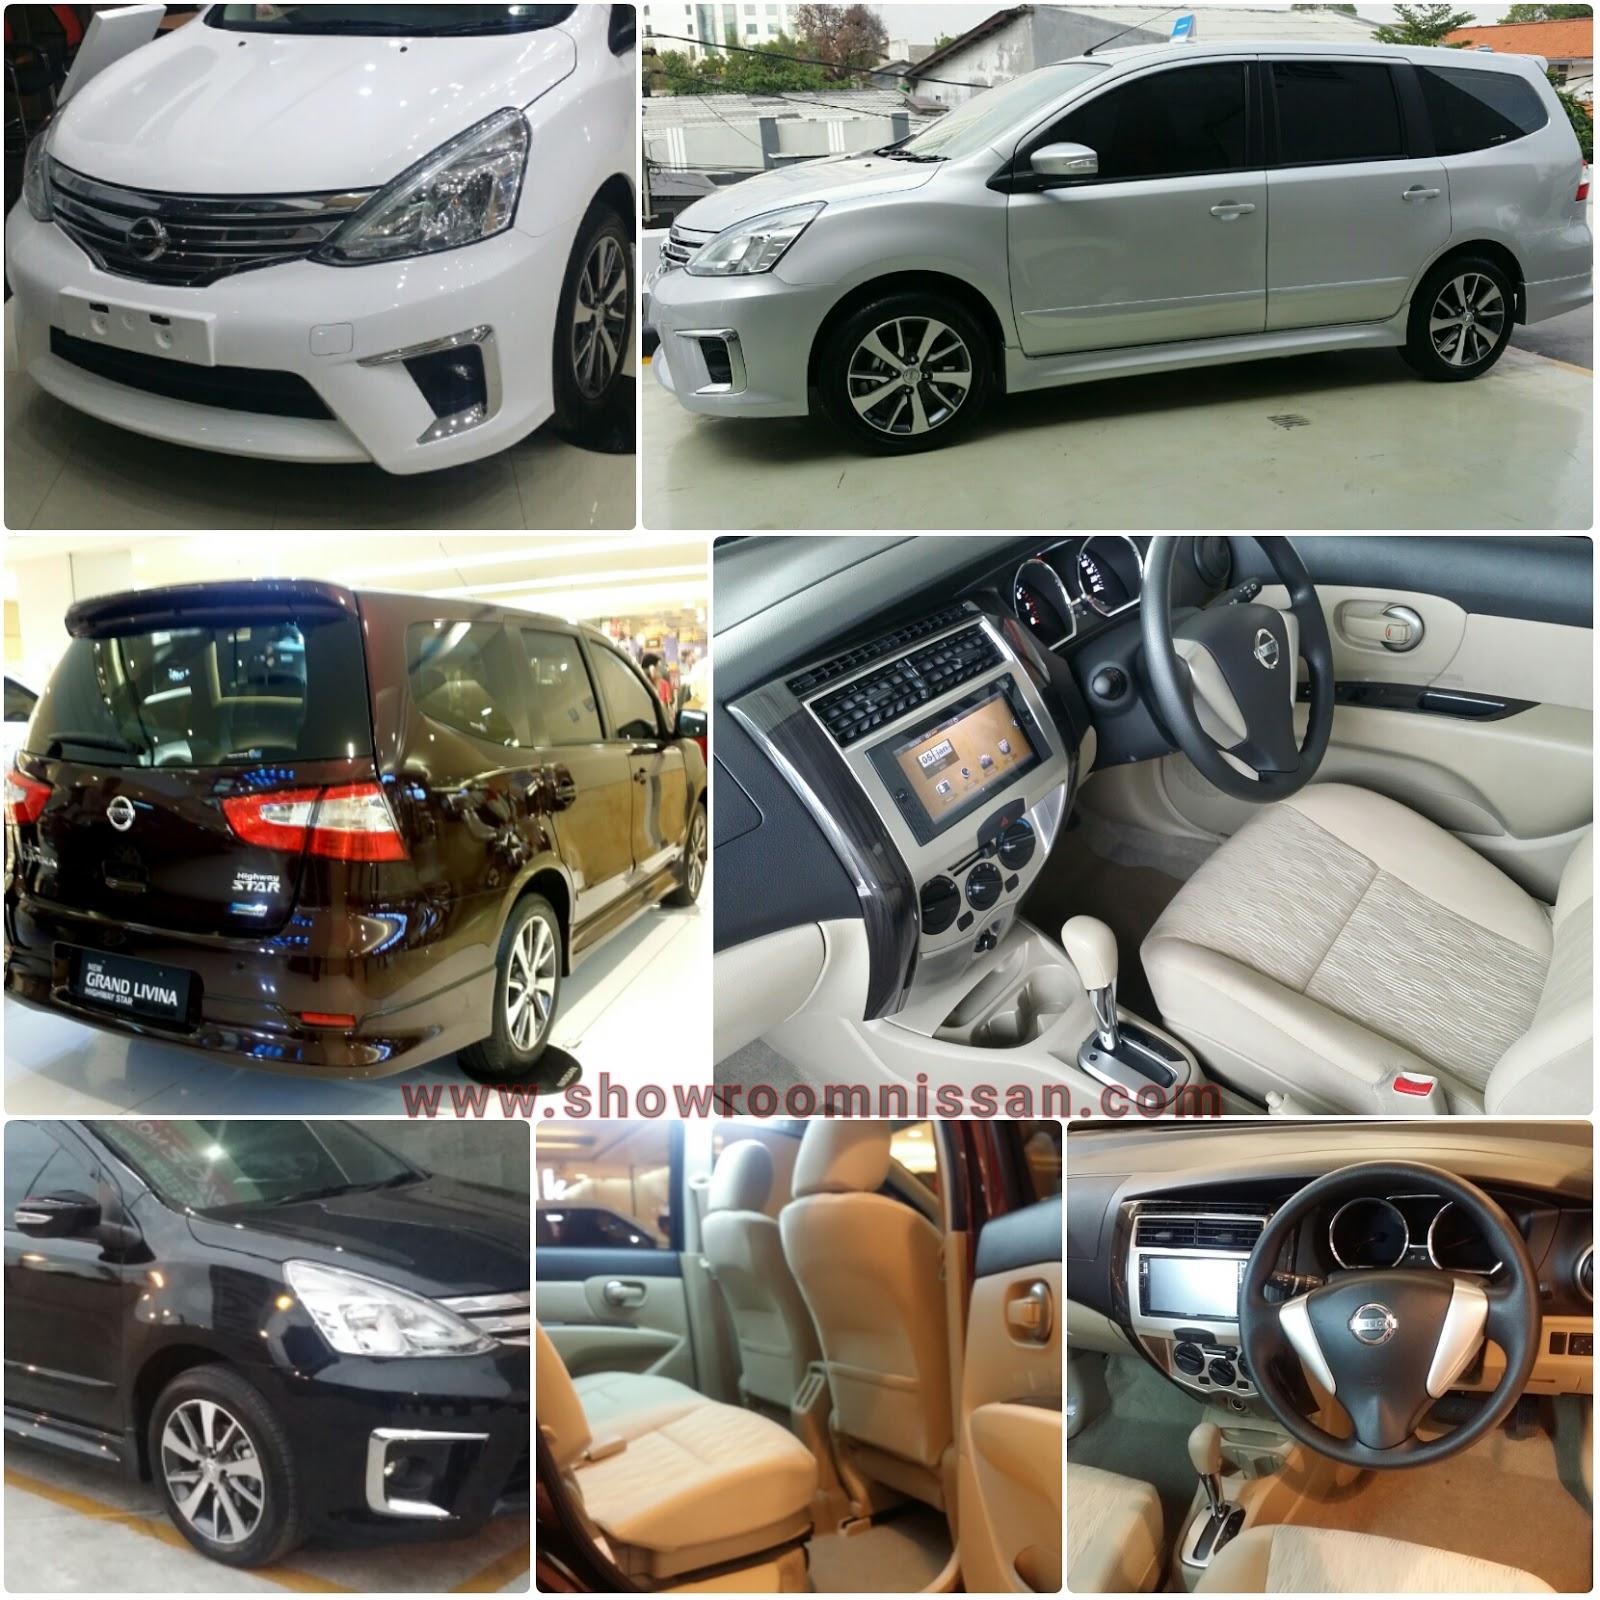 Spesifikasi Grand New Avanza 2016 Keunggulan Informasi Promo Harga Kredit Dealer Mobil Nissan Jakarta